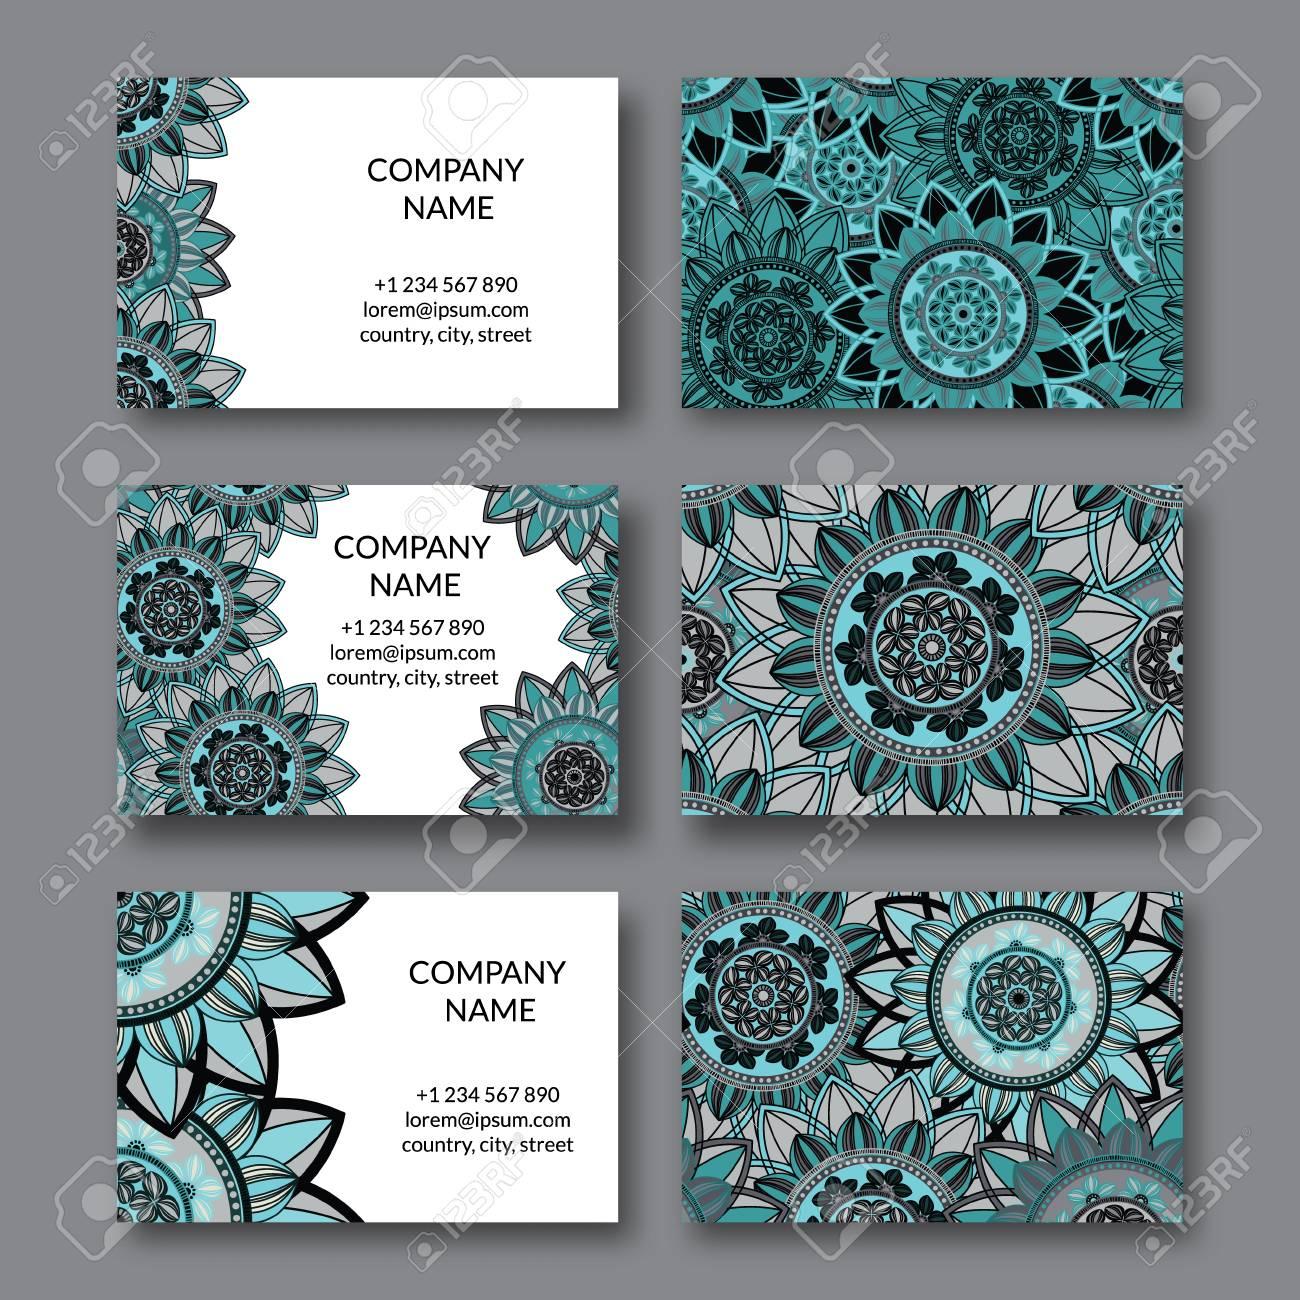 Vintage Cartes De Visite Definies Mandala Ornemental Cercle Elements Decoratifs Floraux Arabe